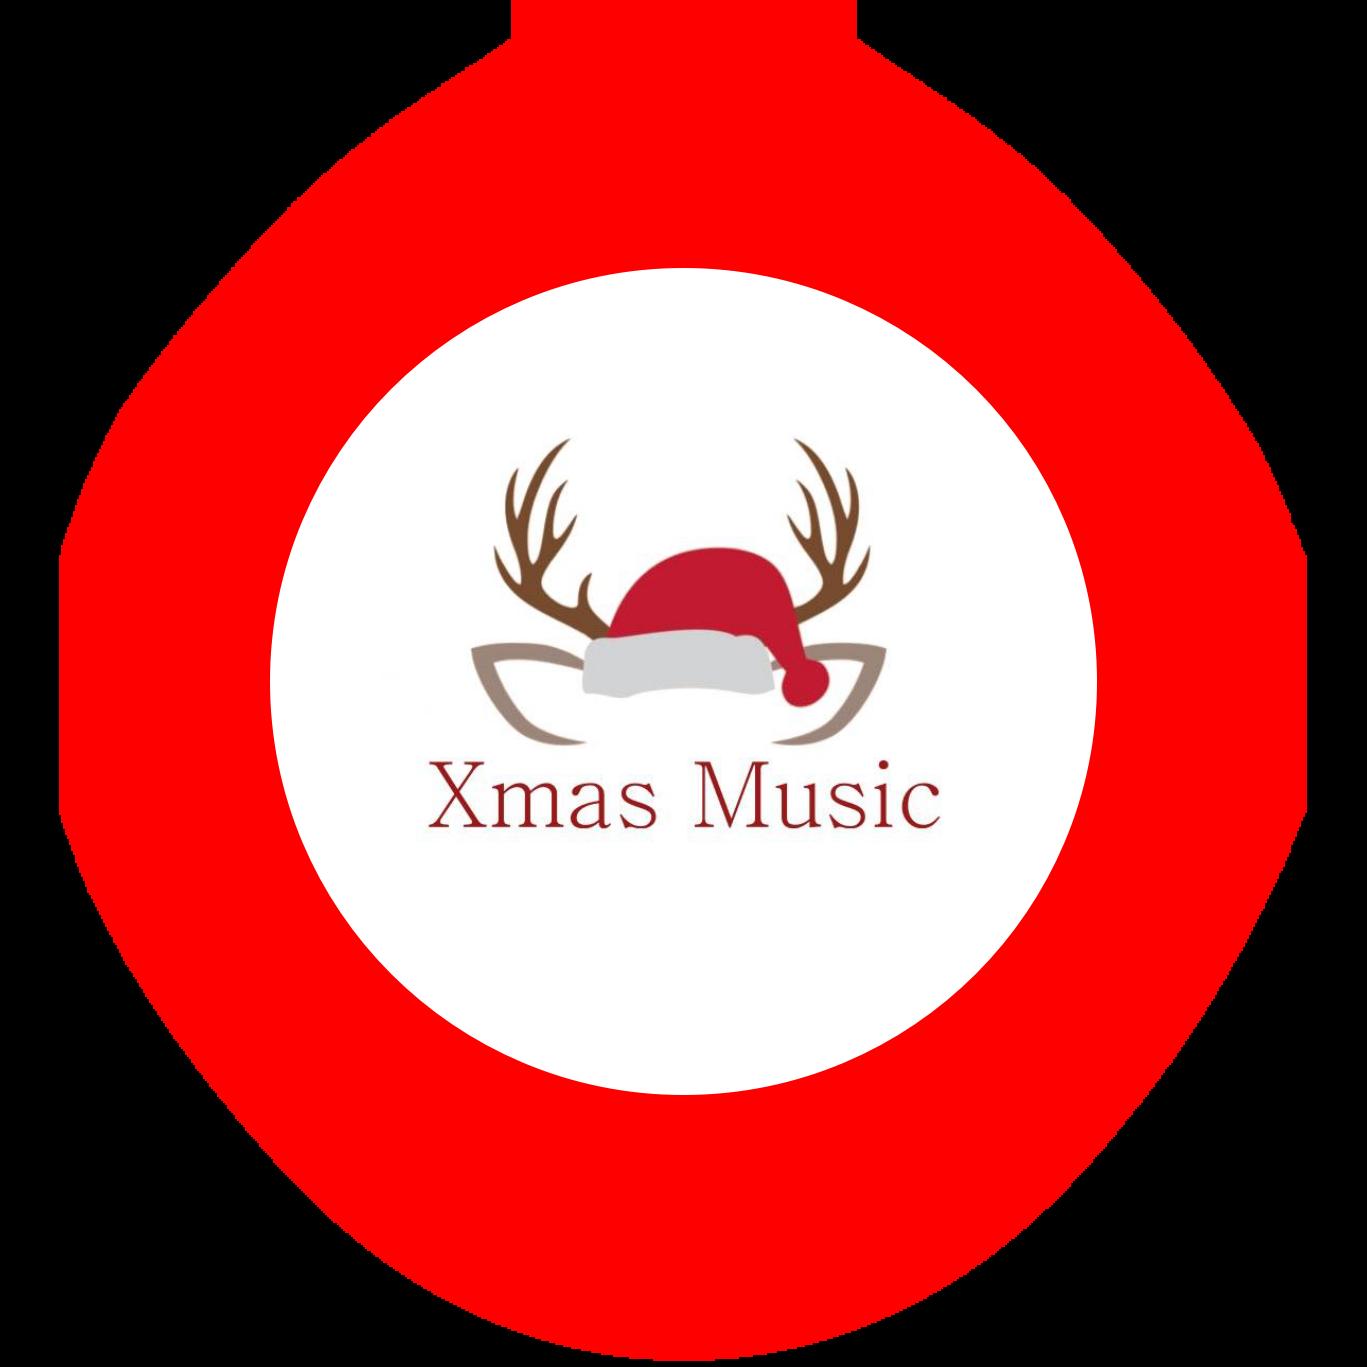 XMAS MUSIC 2019